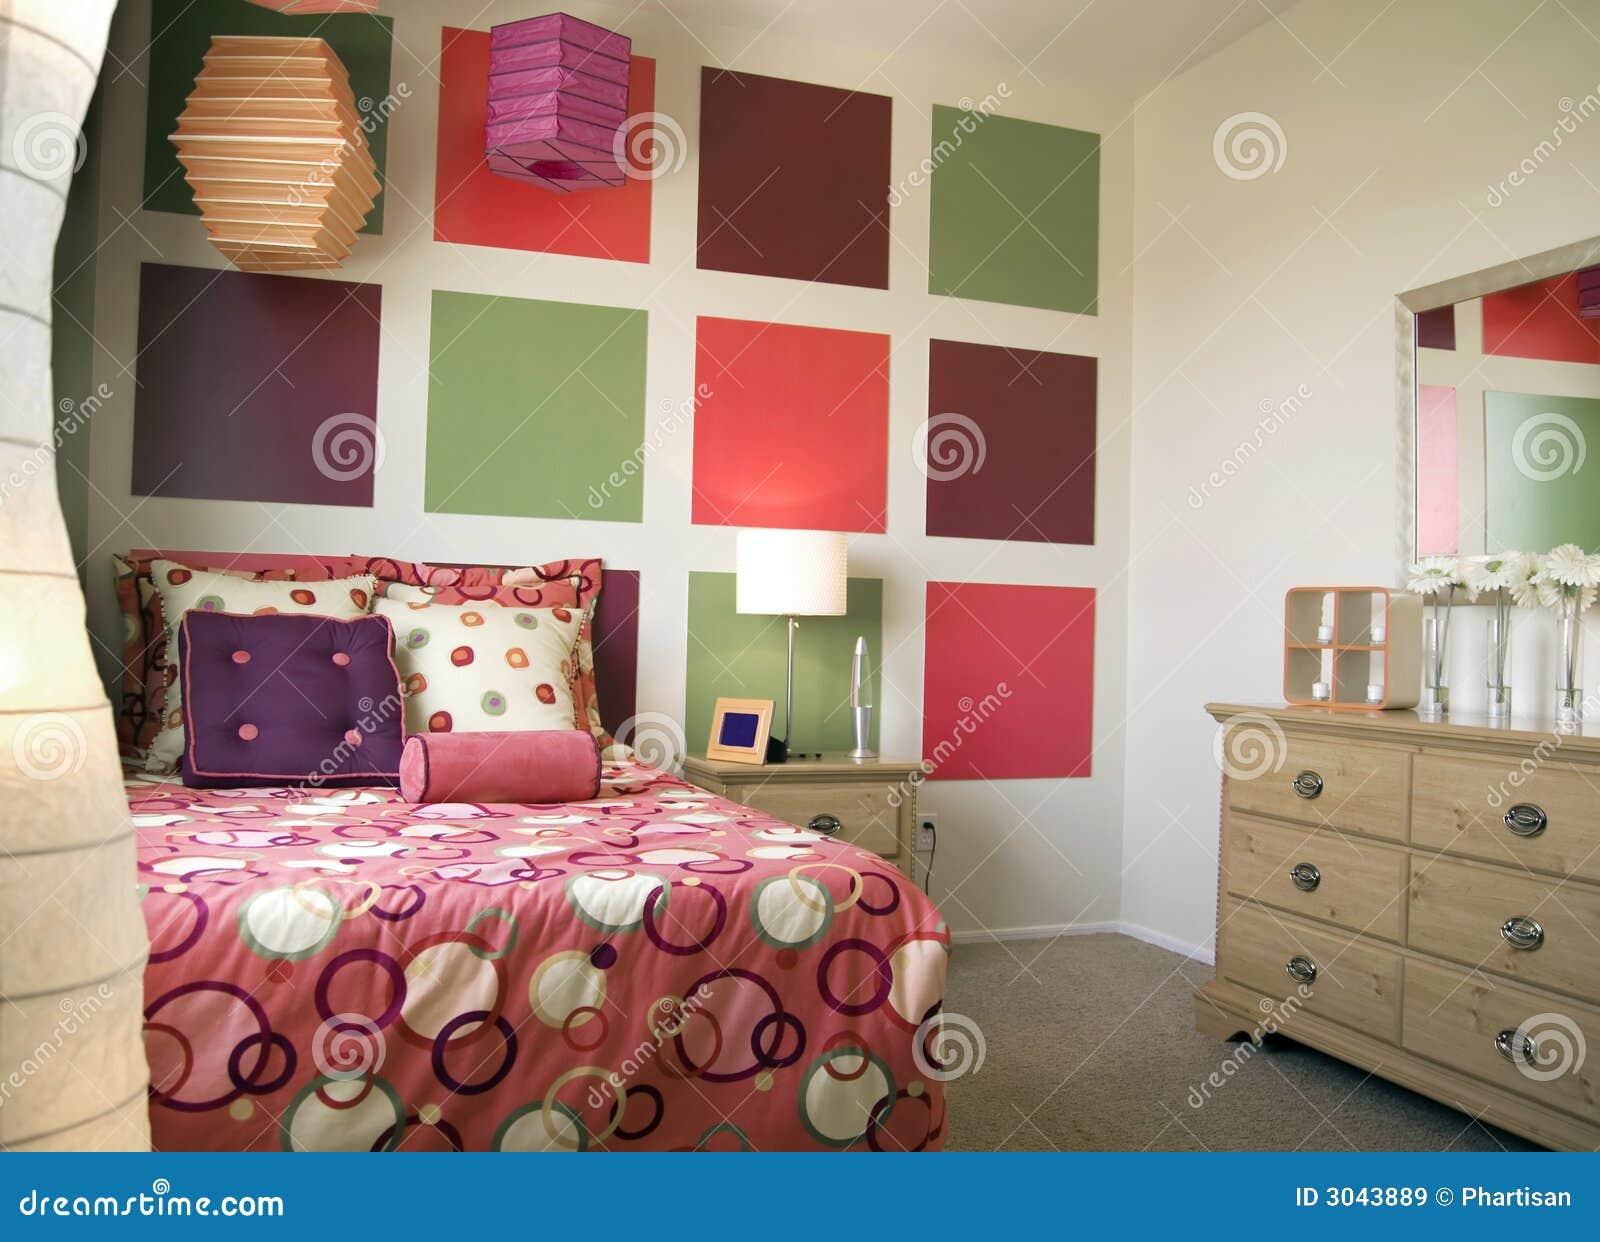 Cool Trendy Bedroom Interior